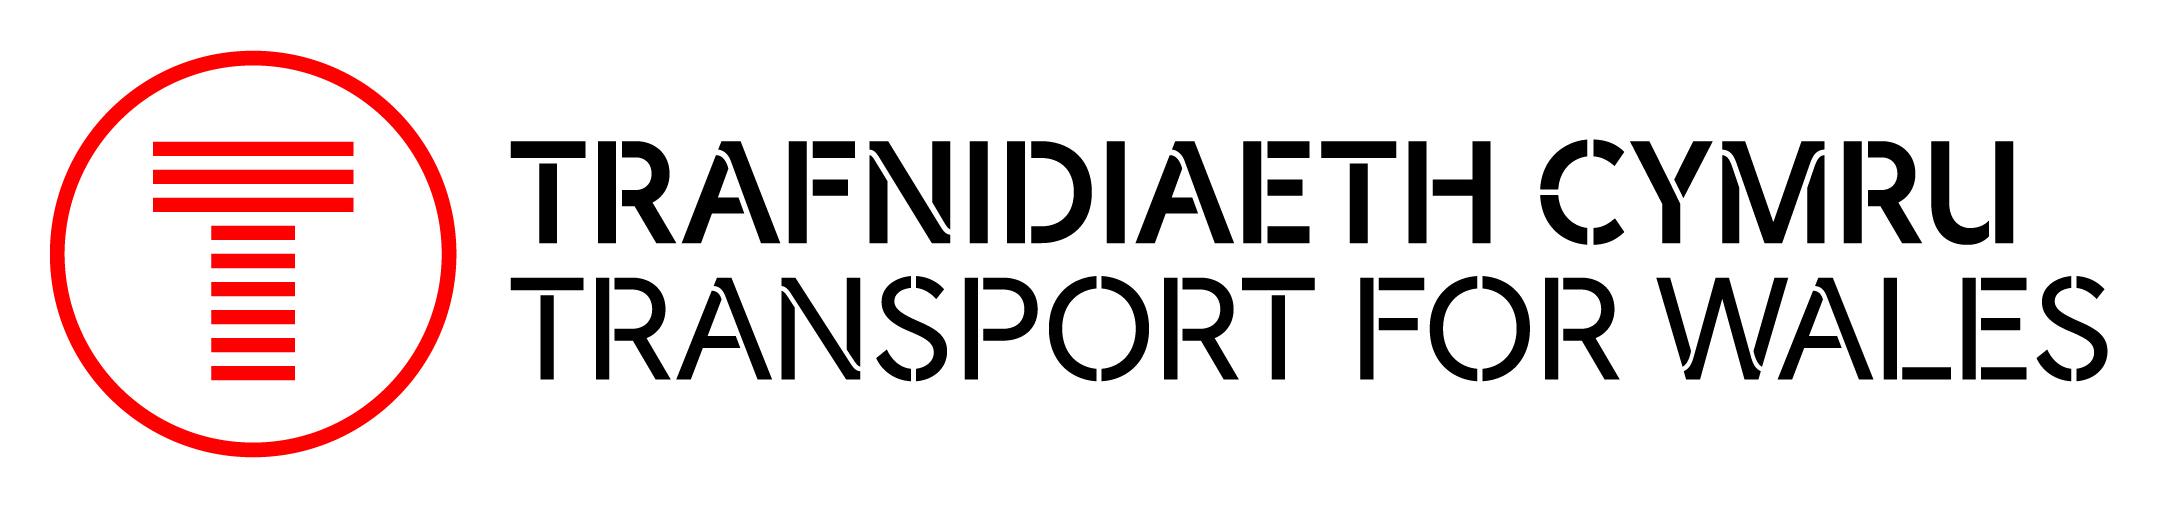 Trafnidiaeth Cymru / Transport for Wales